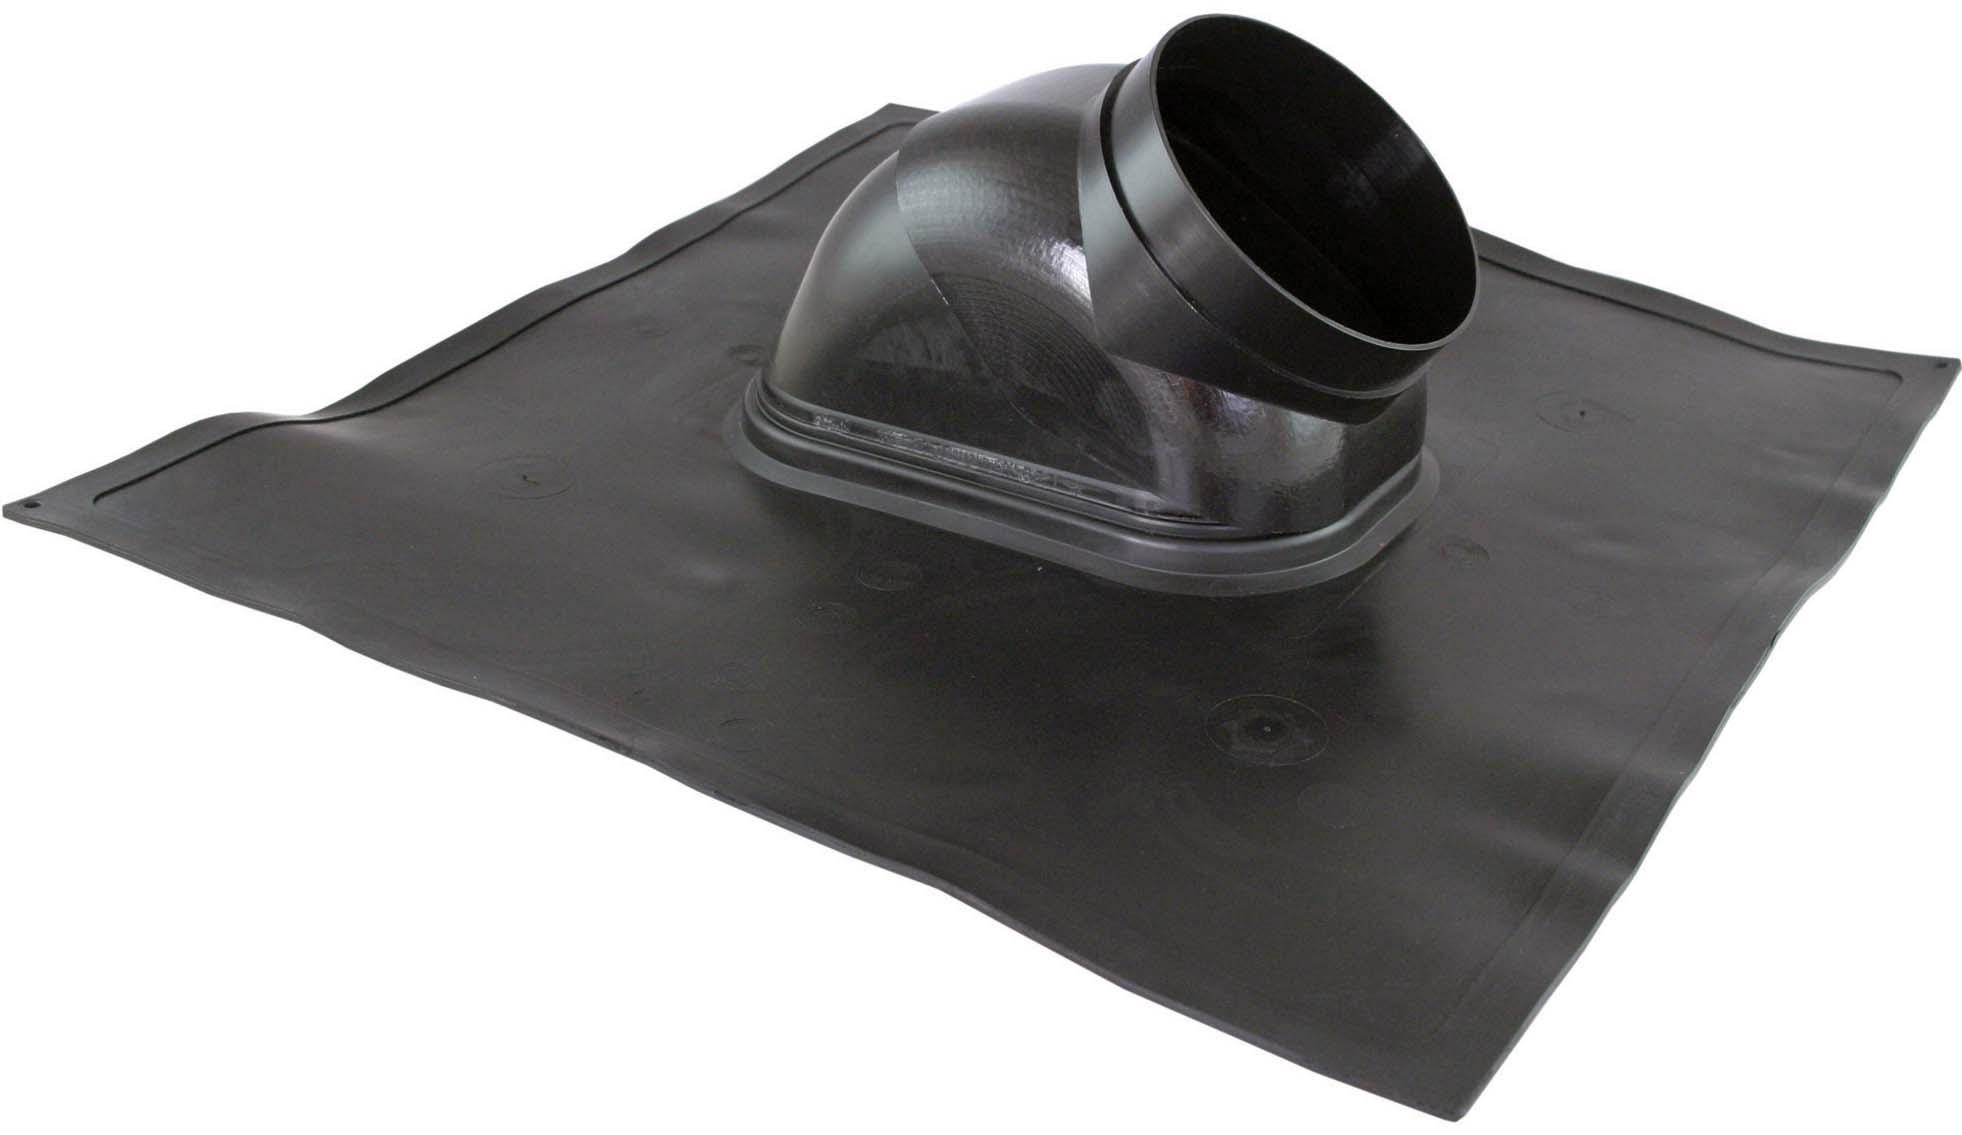 Průchodka střechou šikmá - plech hliník, 18°- 44°, černá, průměr 125 mm